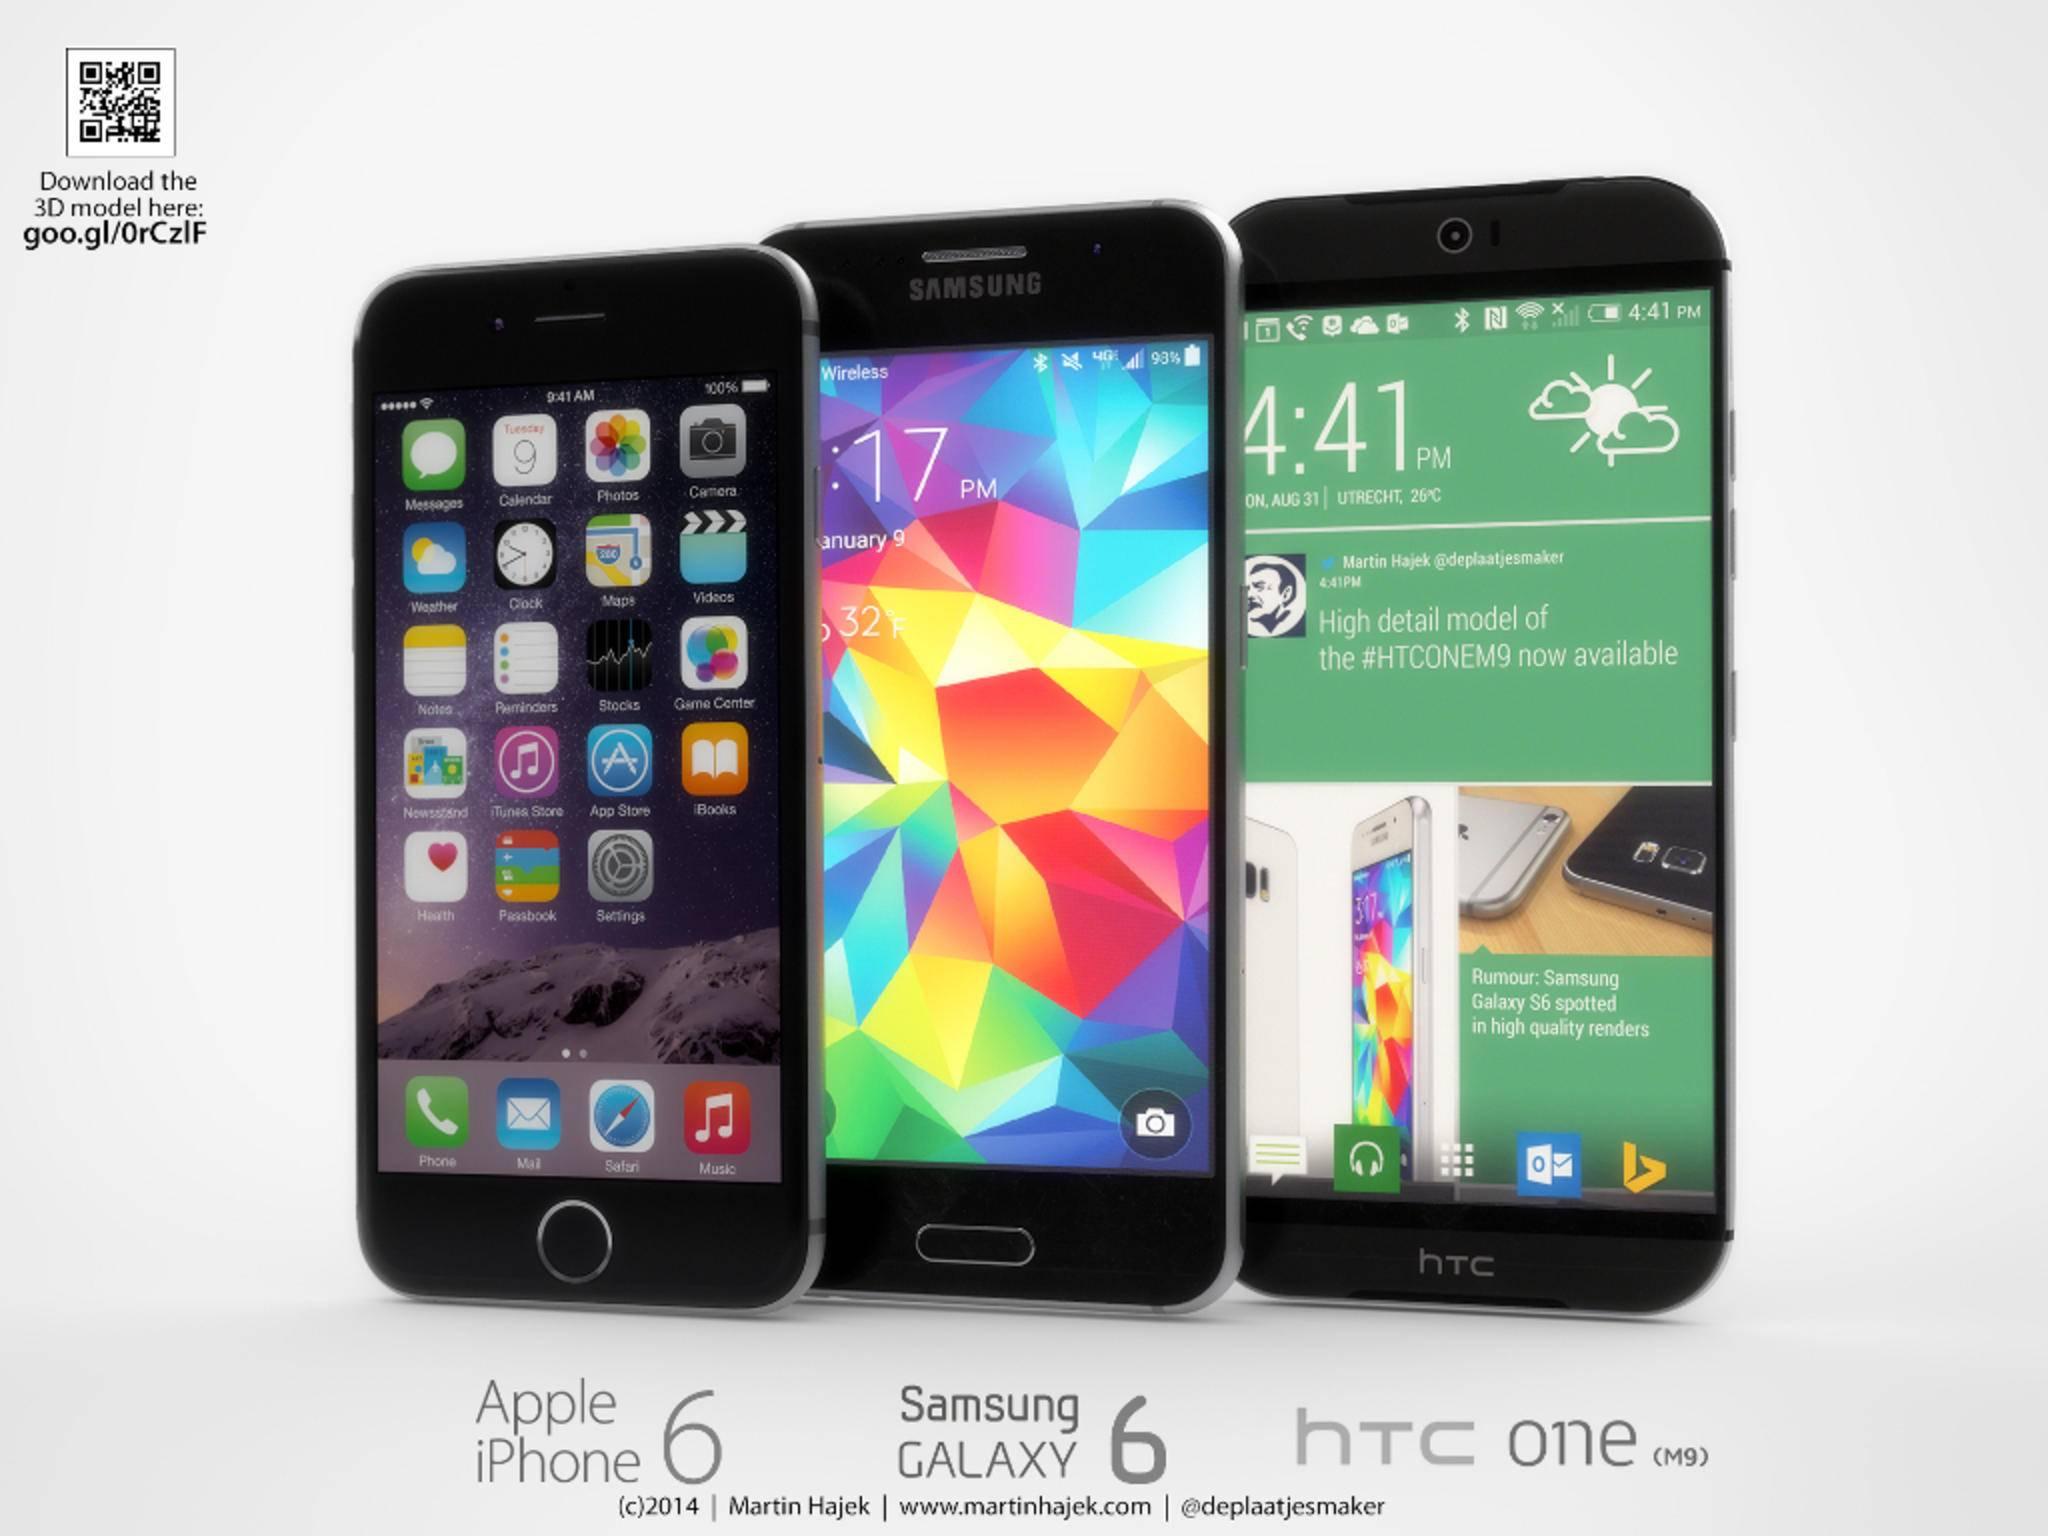 HTC One M9, Samsung Galaxy S6 und iPhone 6